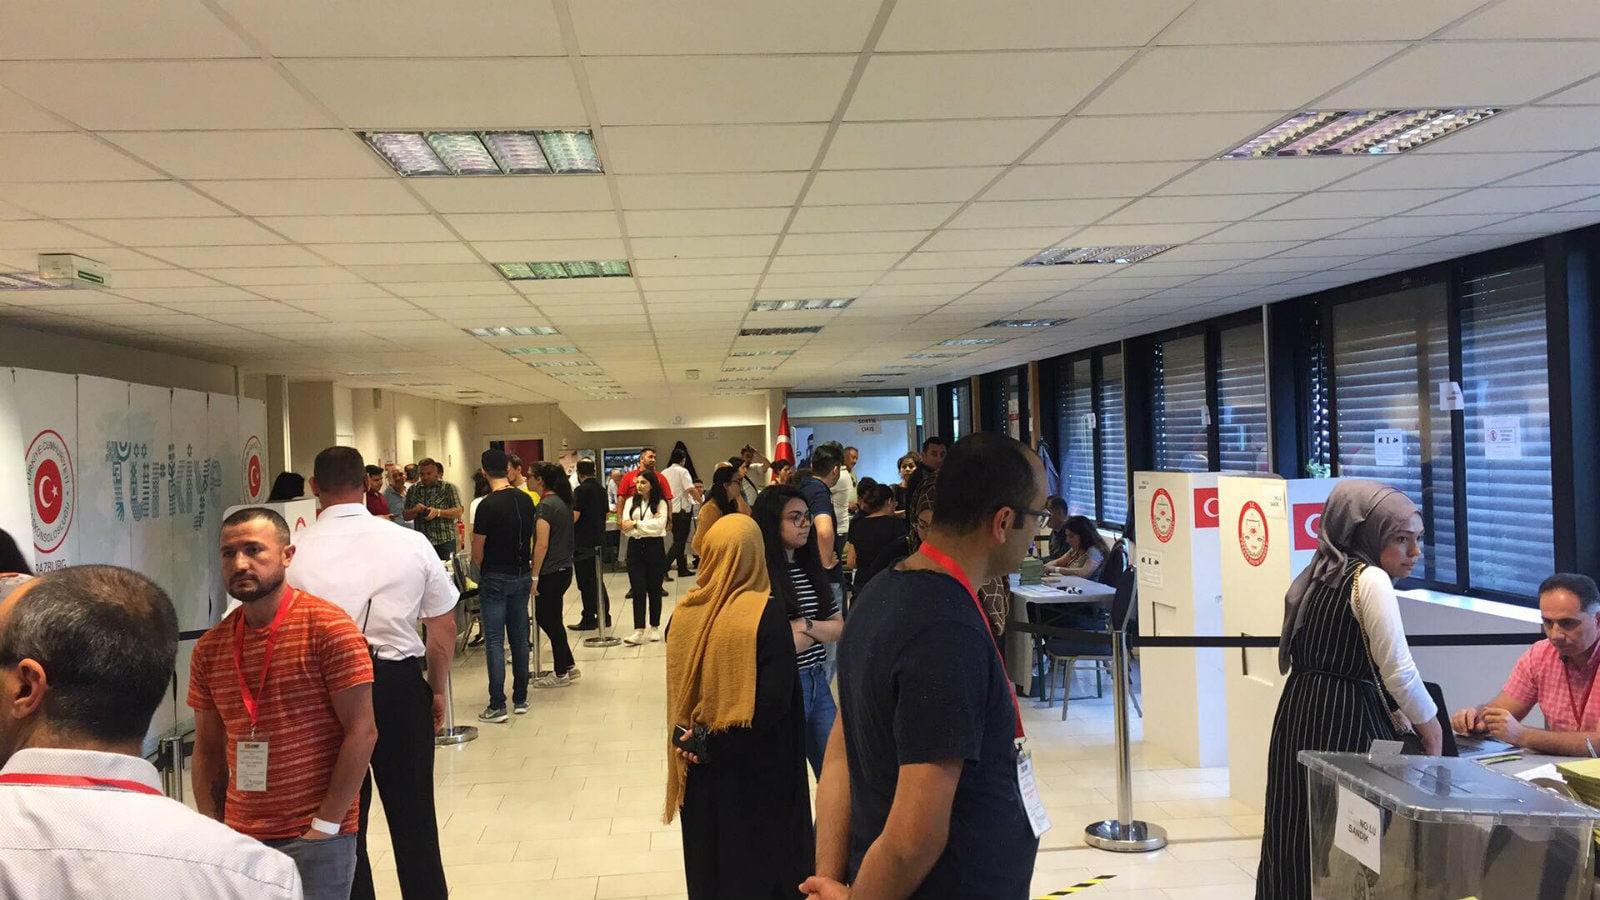 Entre l urne et la mosquée des élections turques à strasbourg